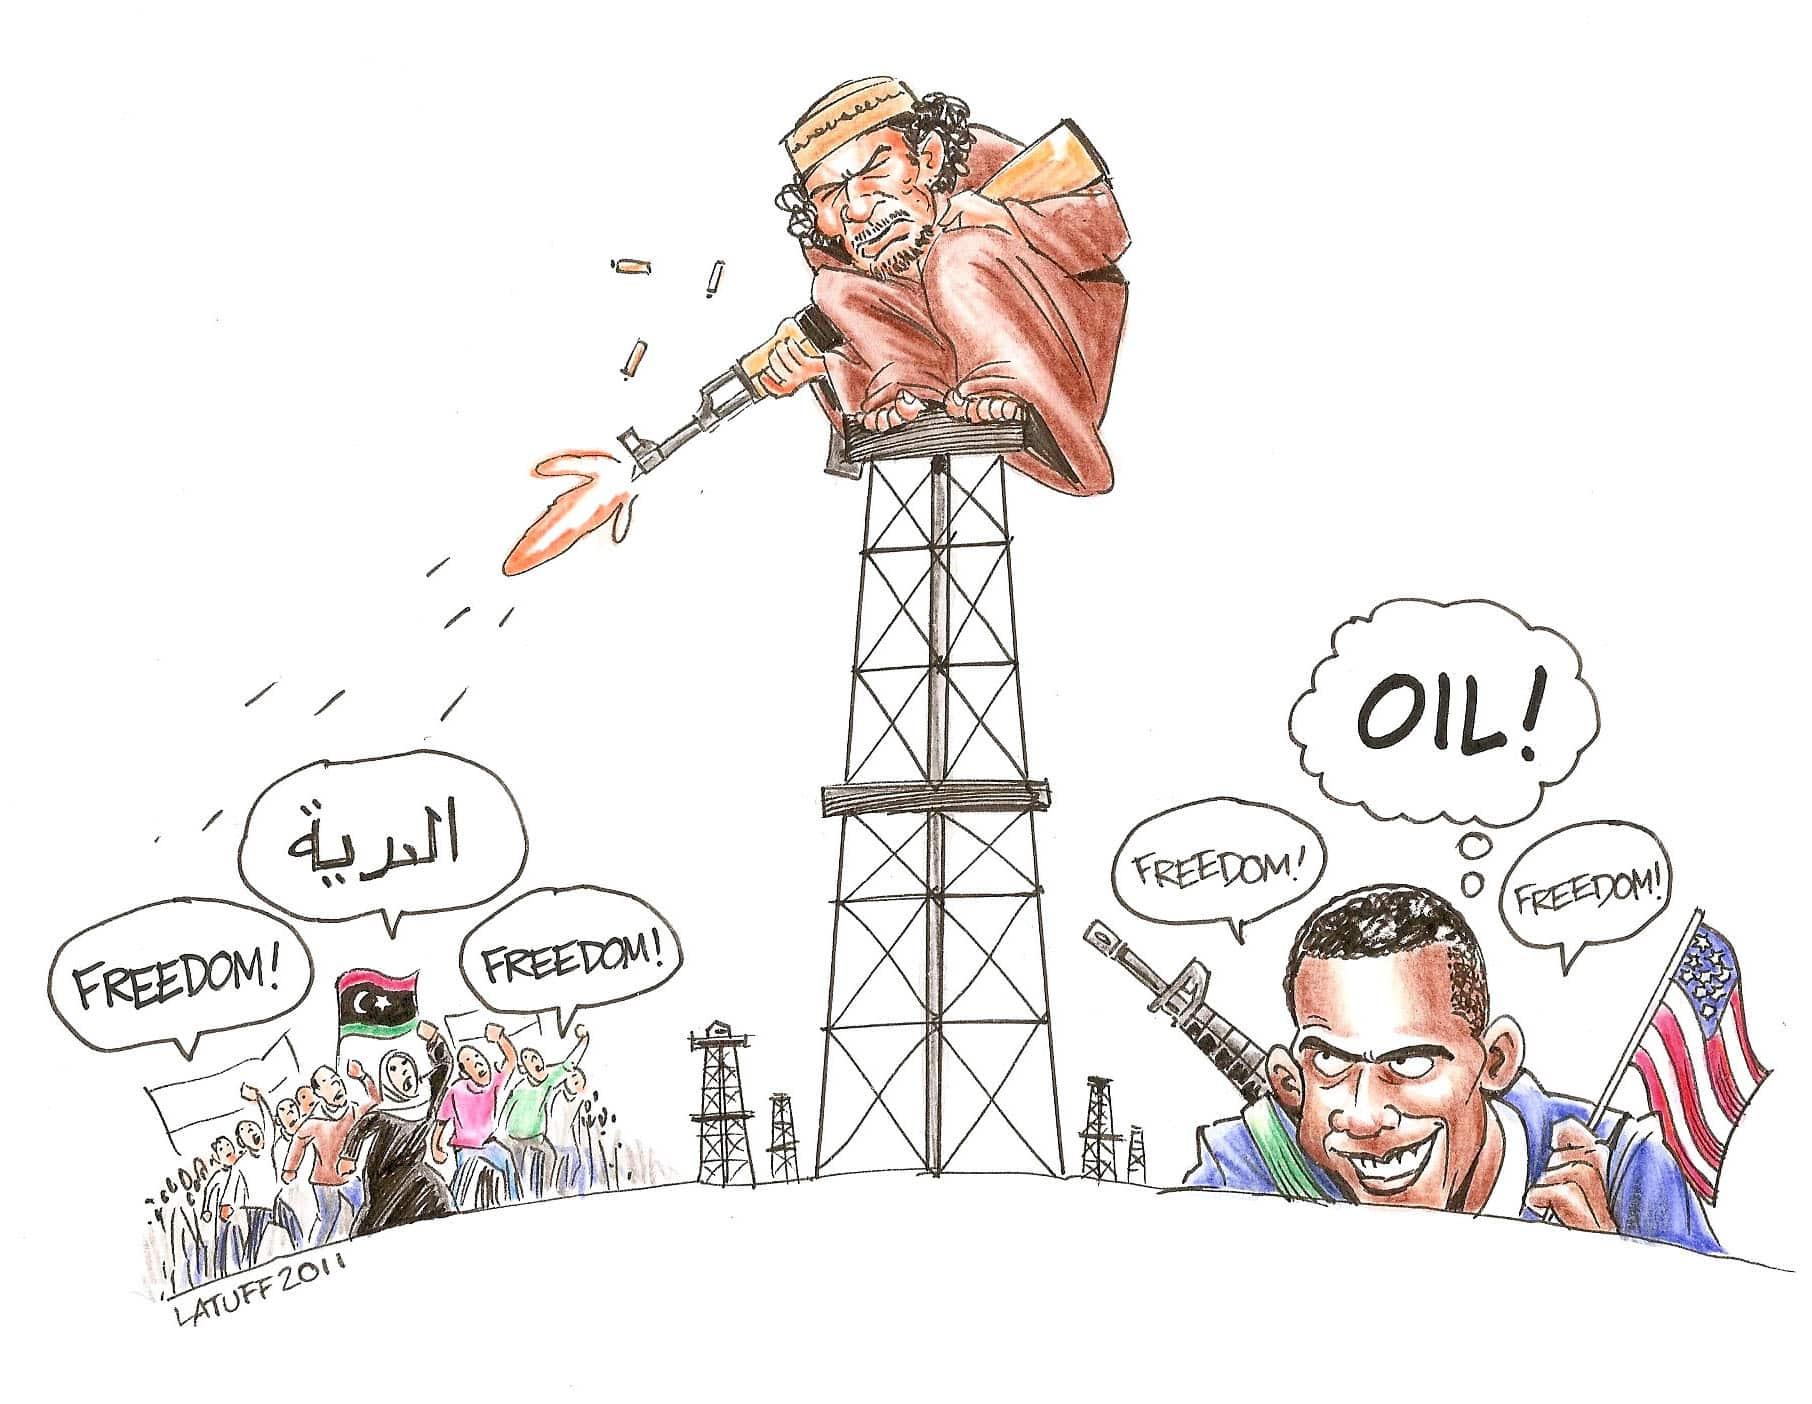 Obama for Freedom in Libya